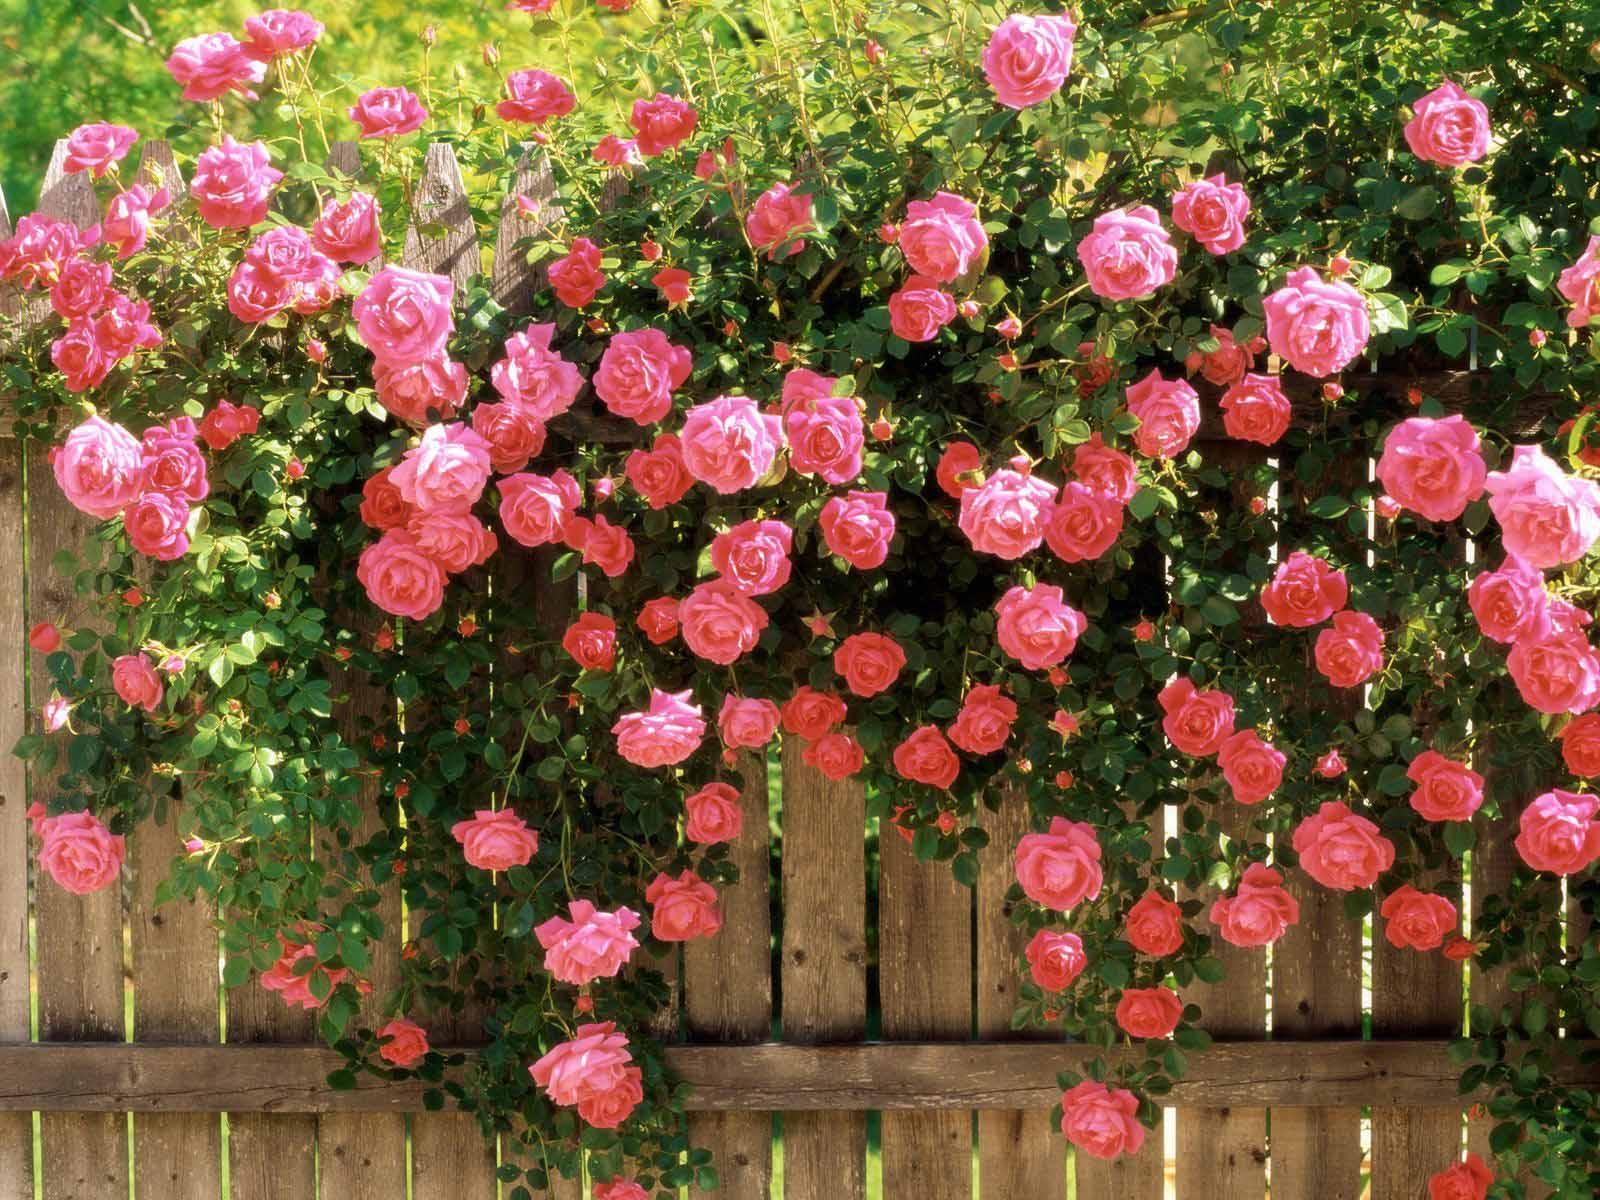 Hình ảnh bức tường hoa hồng leo đẹp